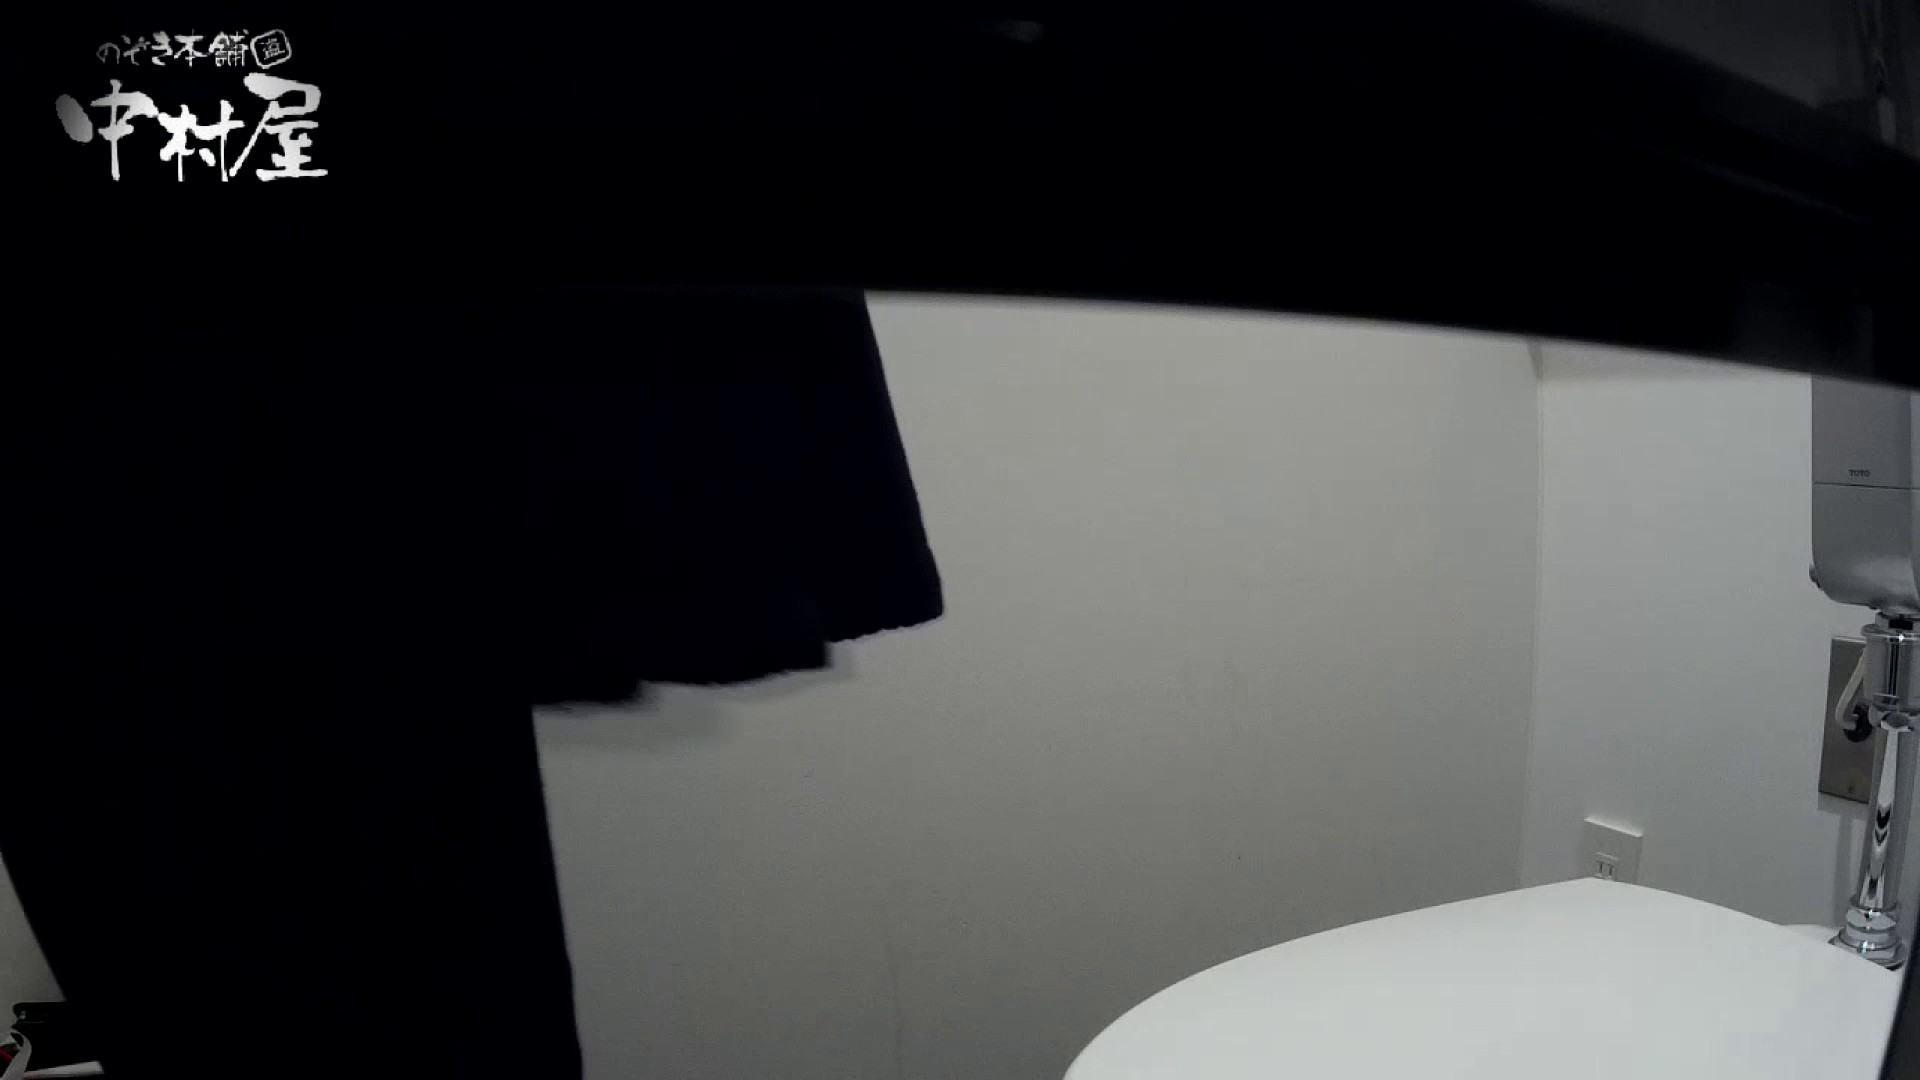 有名大学女性洗面所 vol.54 設置撮影最高峰!! 3視点でじっくり観察 OLのエロ生活 AV無料 99連発 27